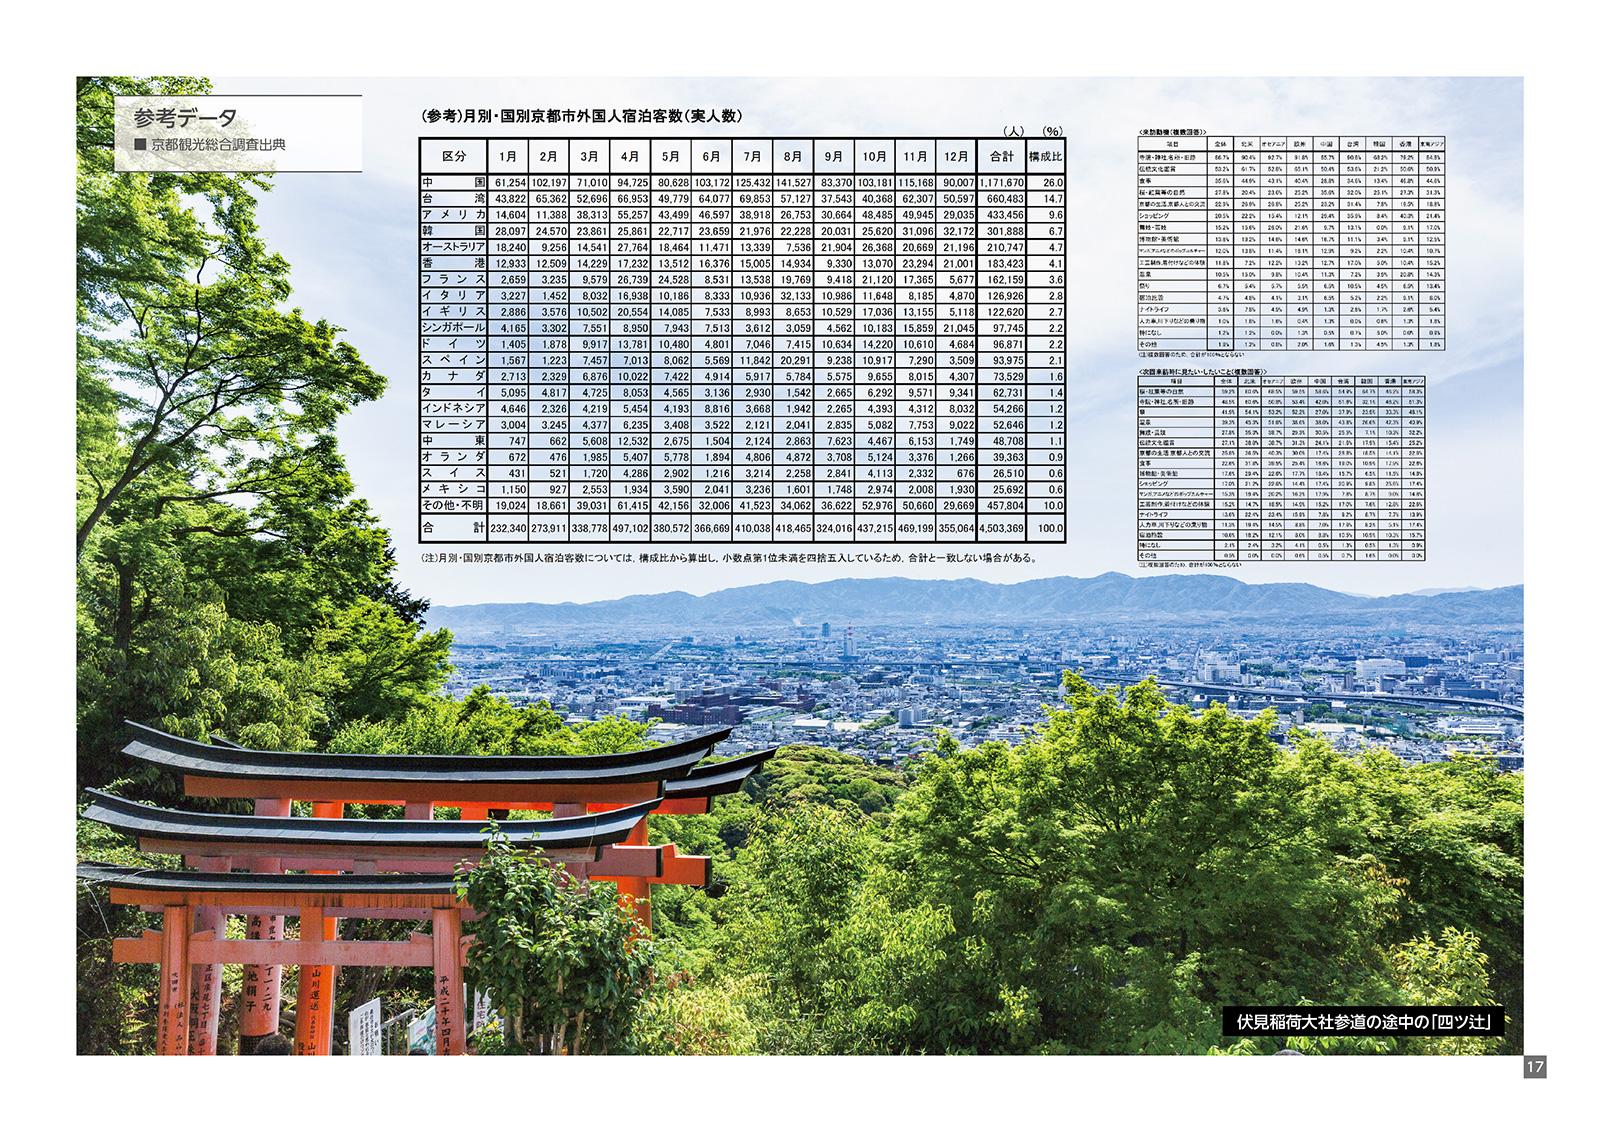 伏見稲荷 屋台村プロジェクト-19